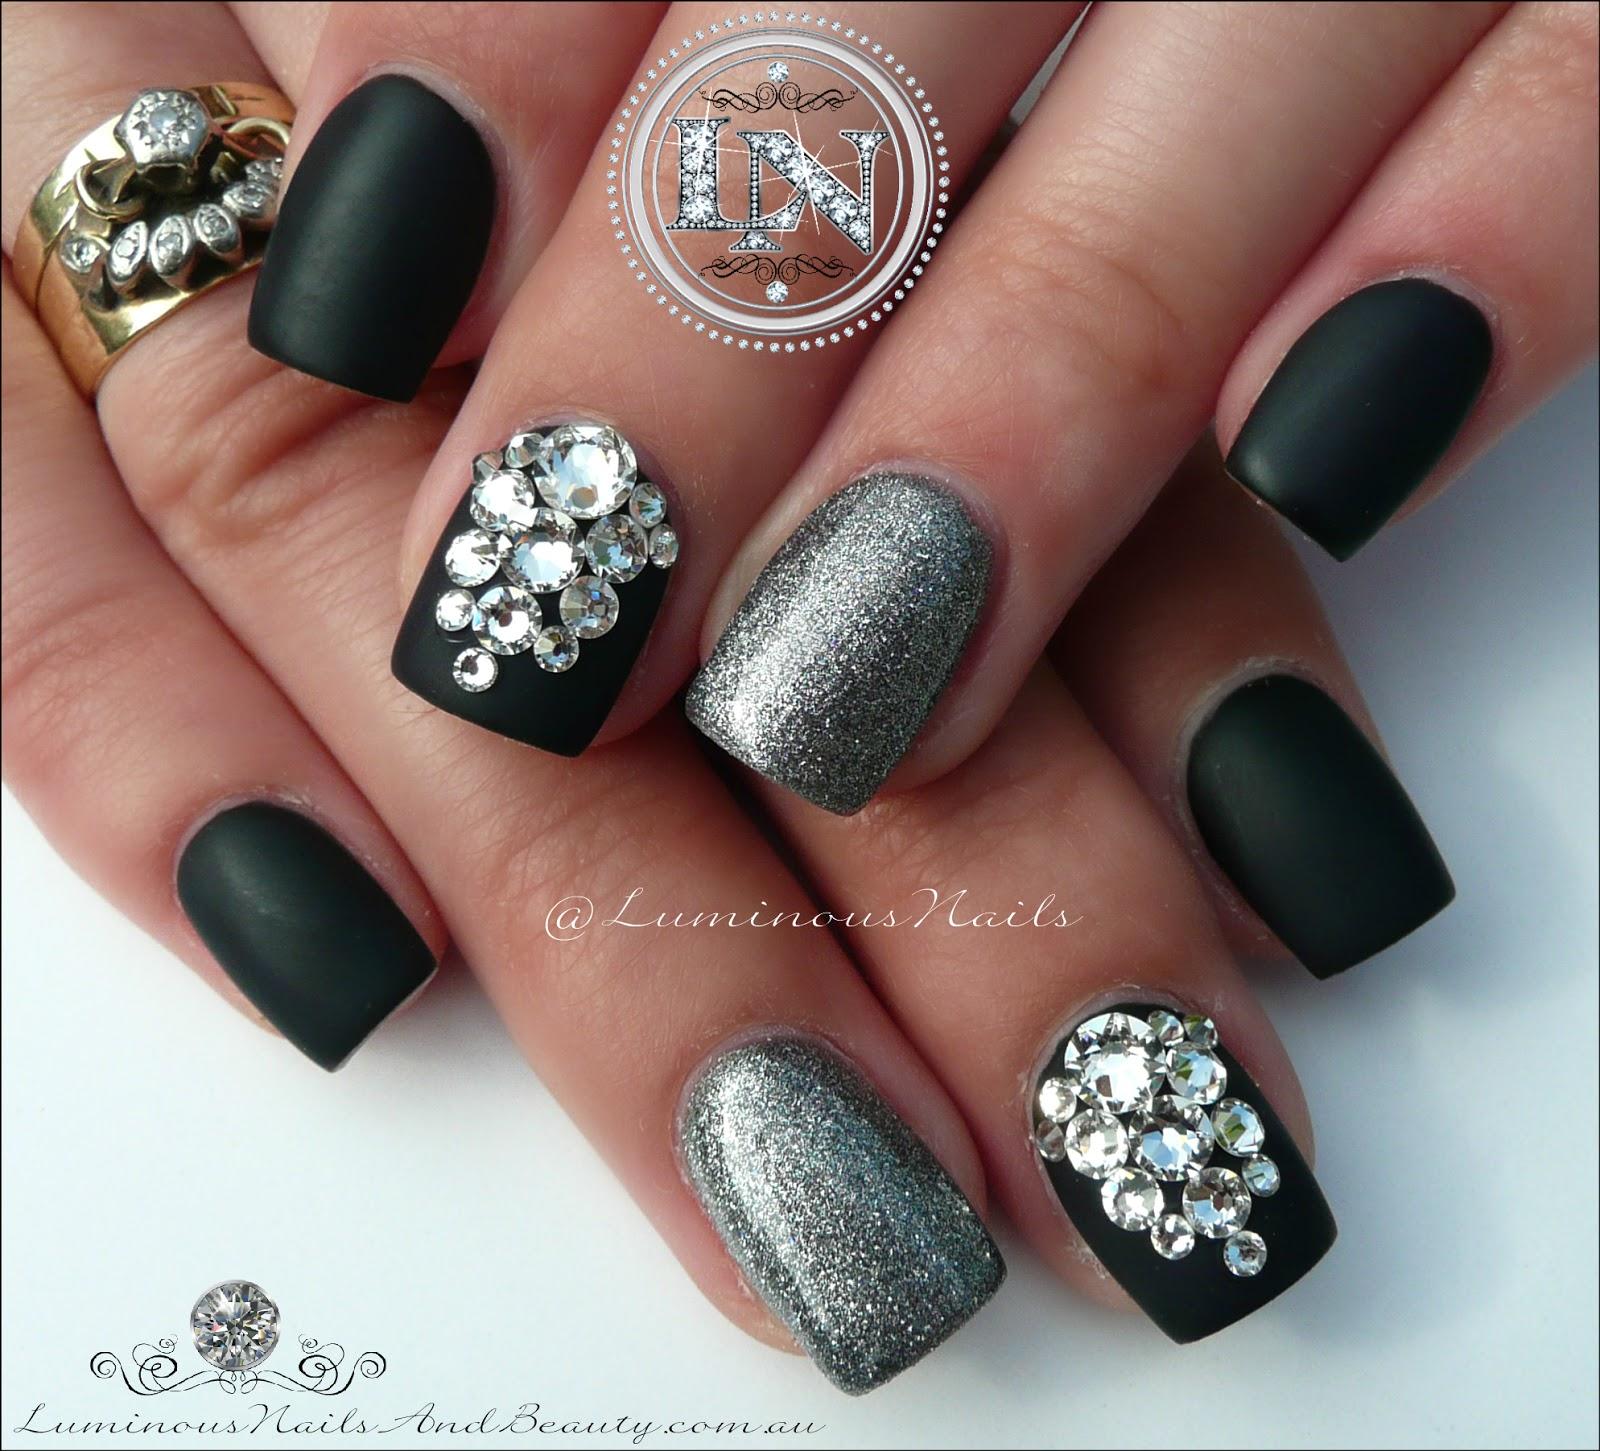 Luminous Nails: Matte Black & Steel Grey with Swarovski Bling ...